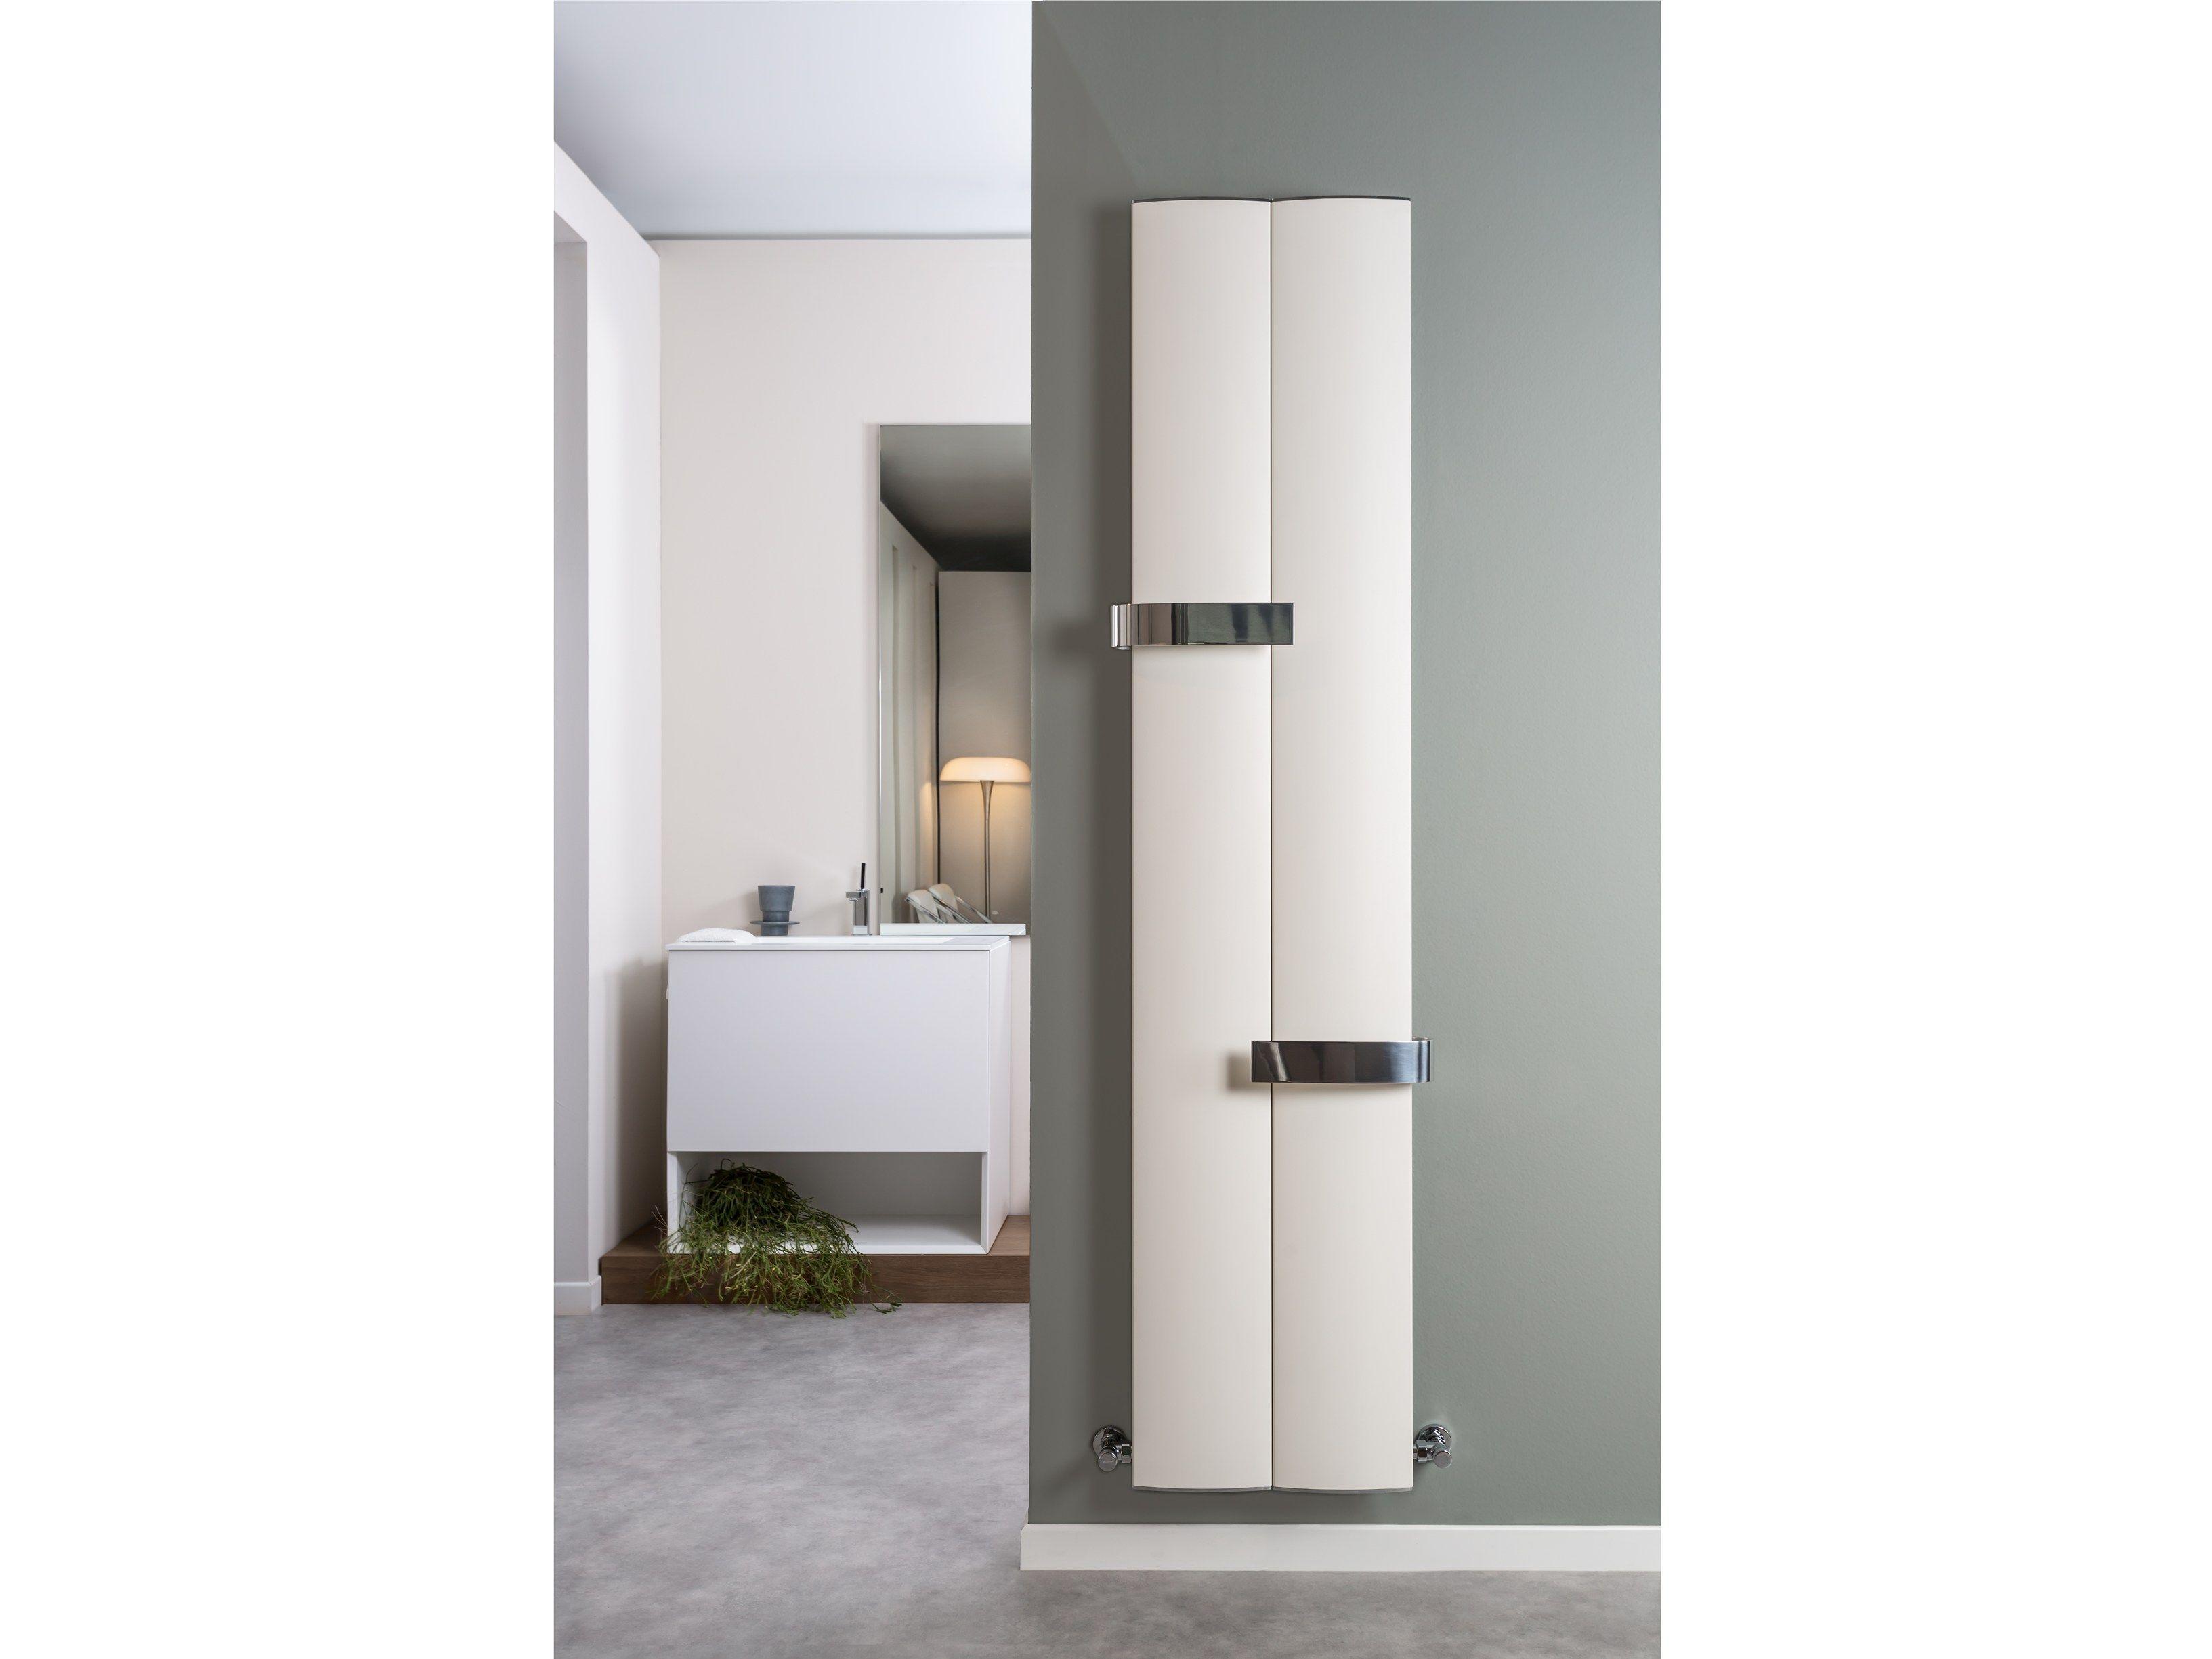 Termoarredo verticale in alluminio a parete othello twin - Termoarredo verticale ...